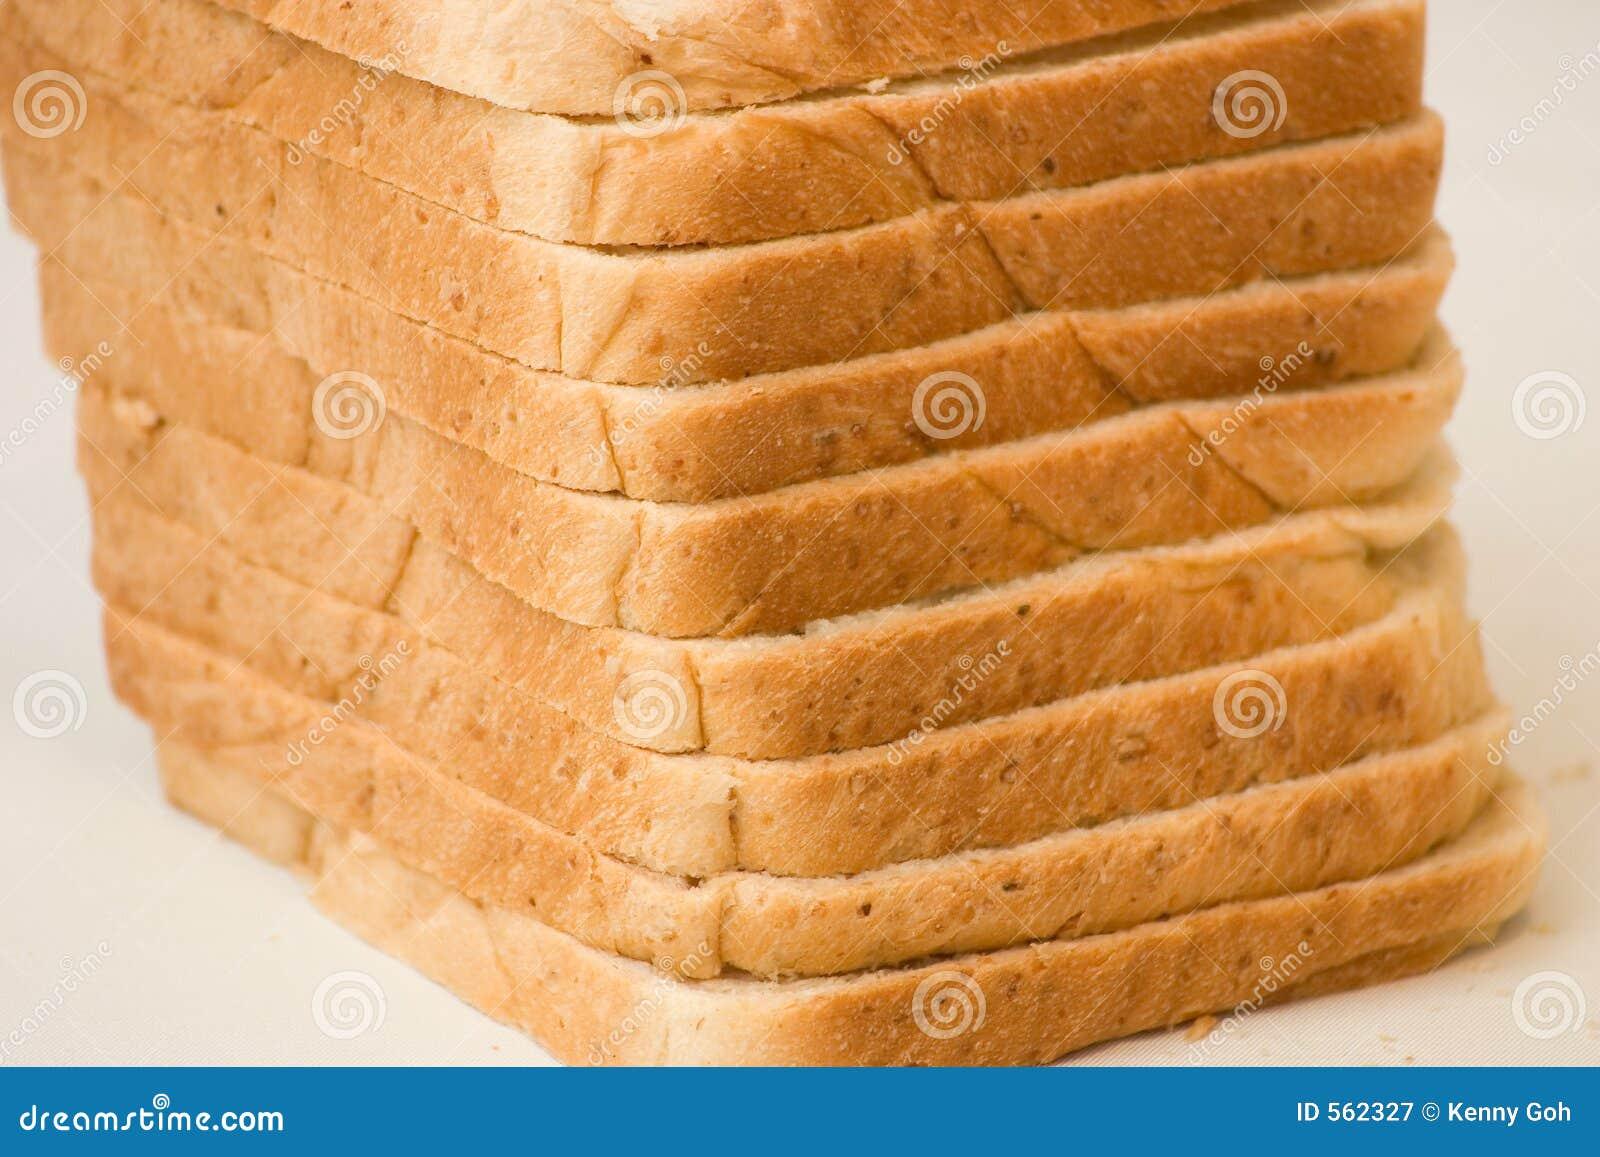 Bröd släntrar skivat